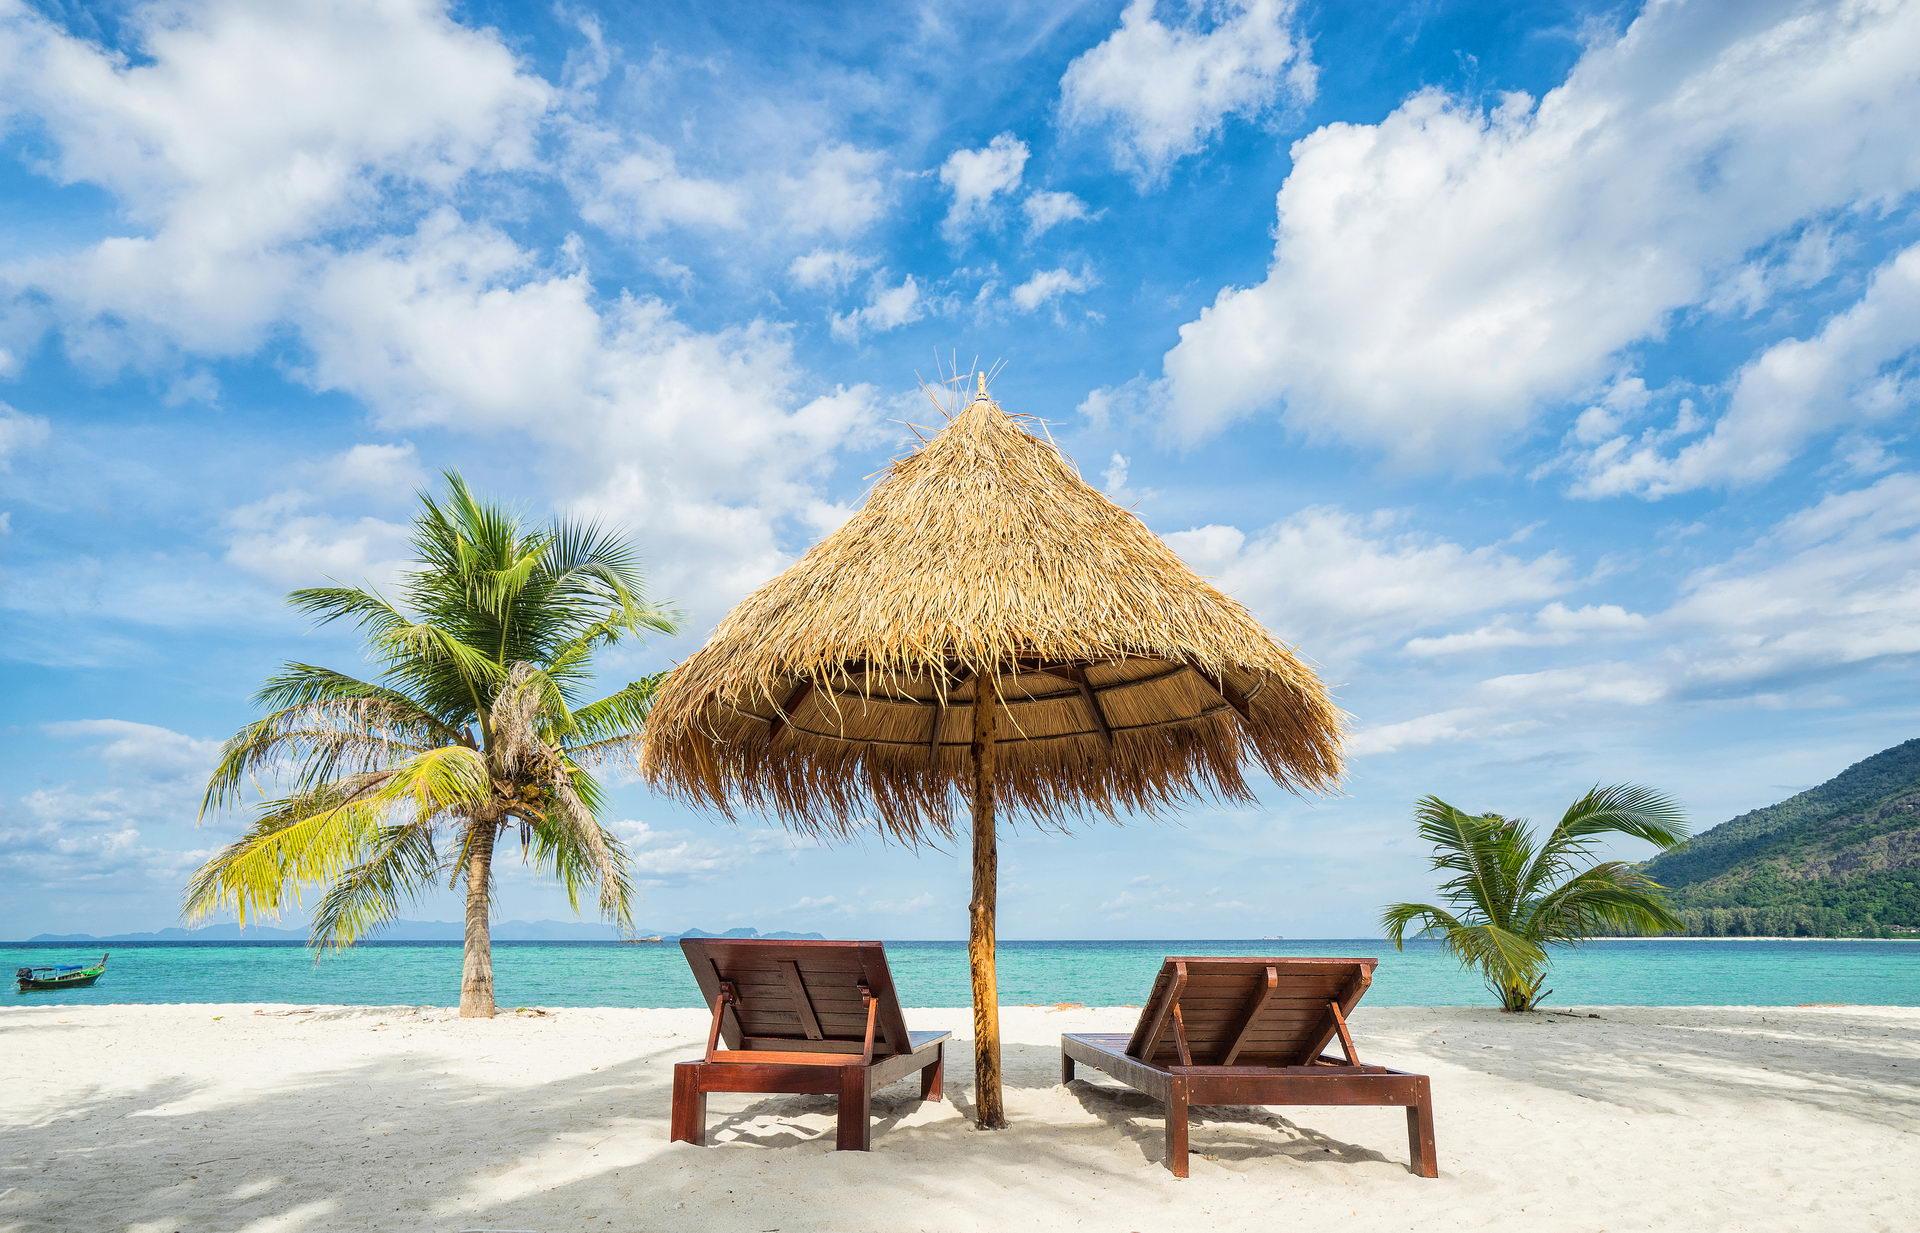 Barbados (Caribbean Islands)